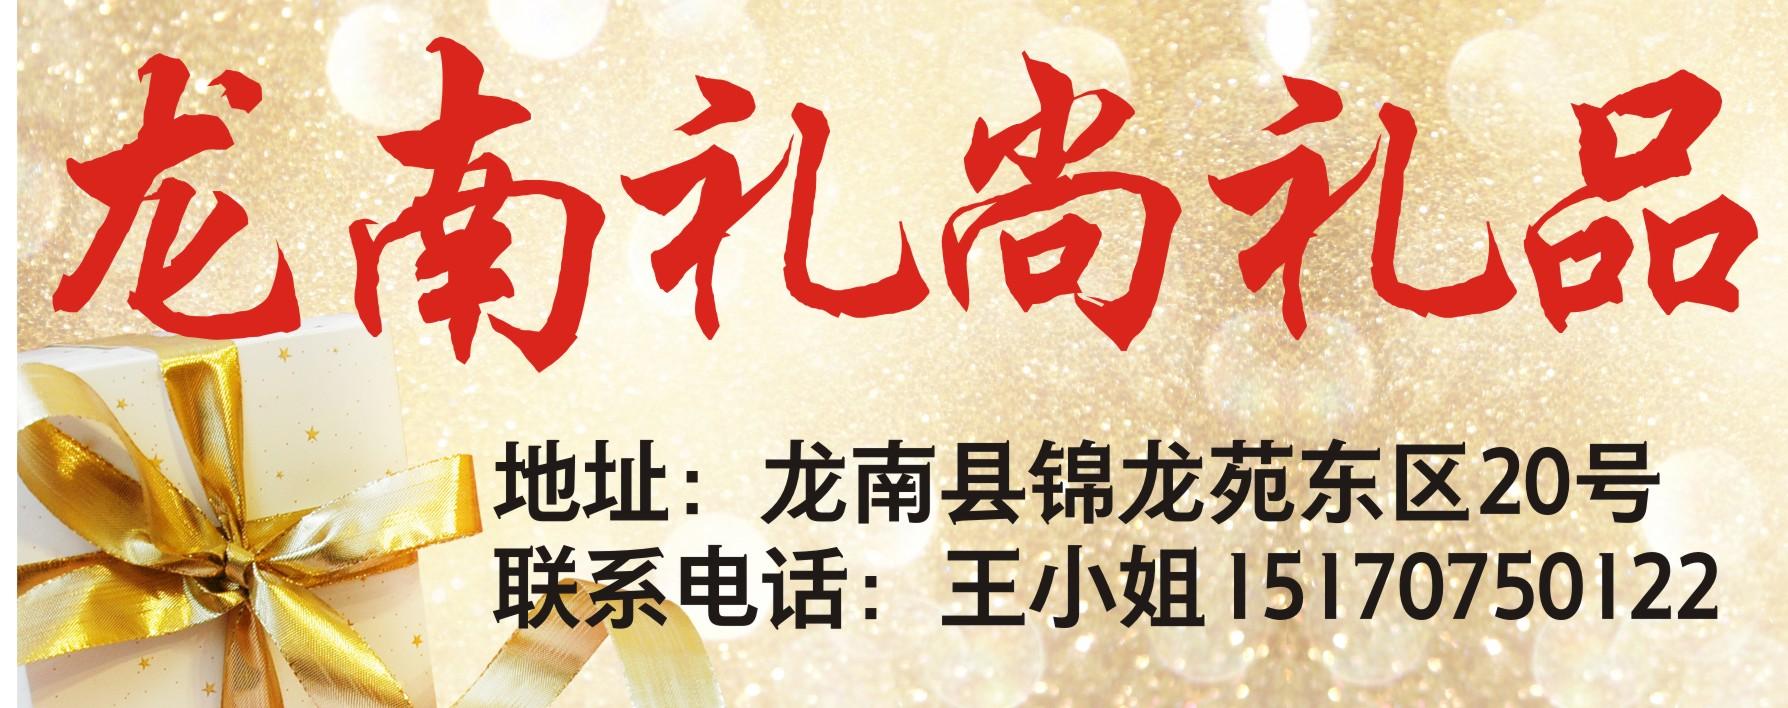 龍南禮尚禮品銷售中心